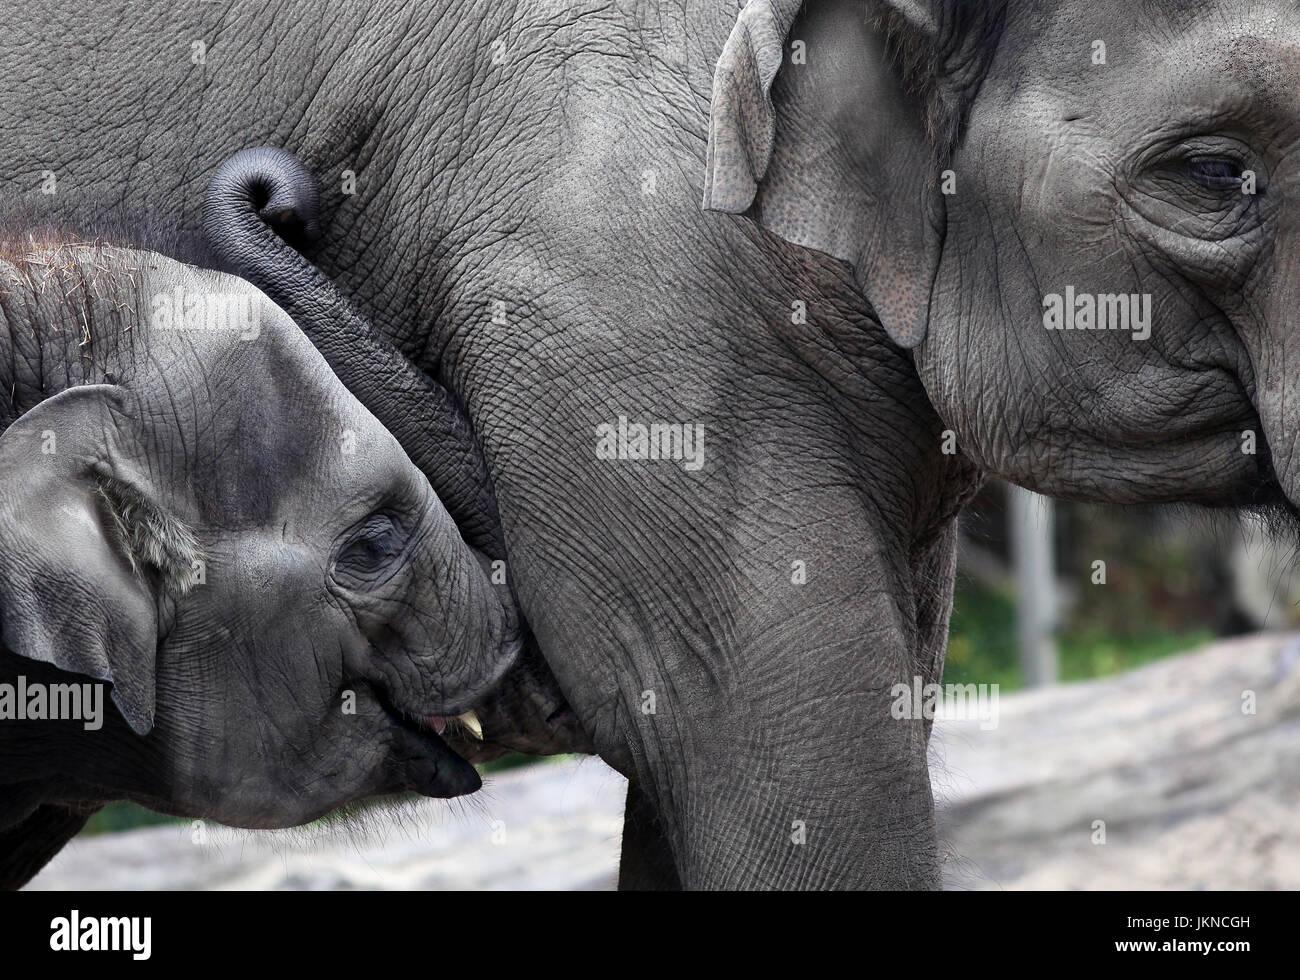 Bébé éléphant de lait de lait de sa mère Photo Stock